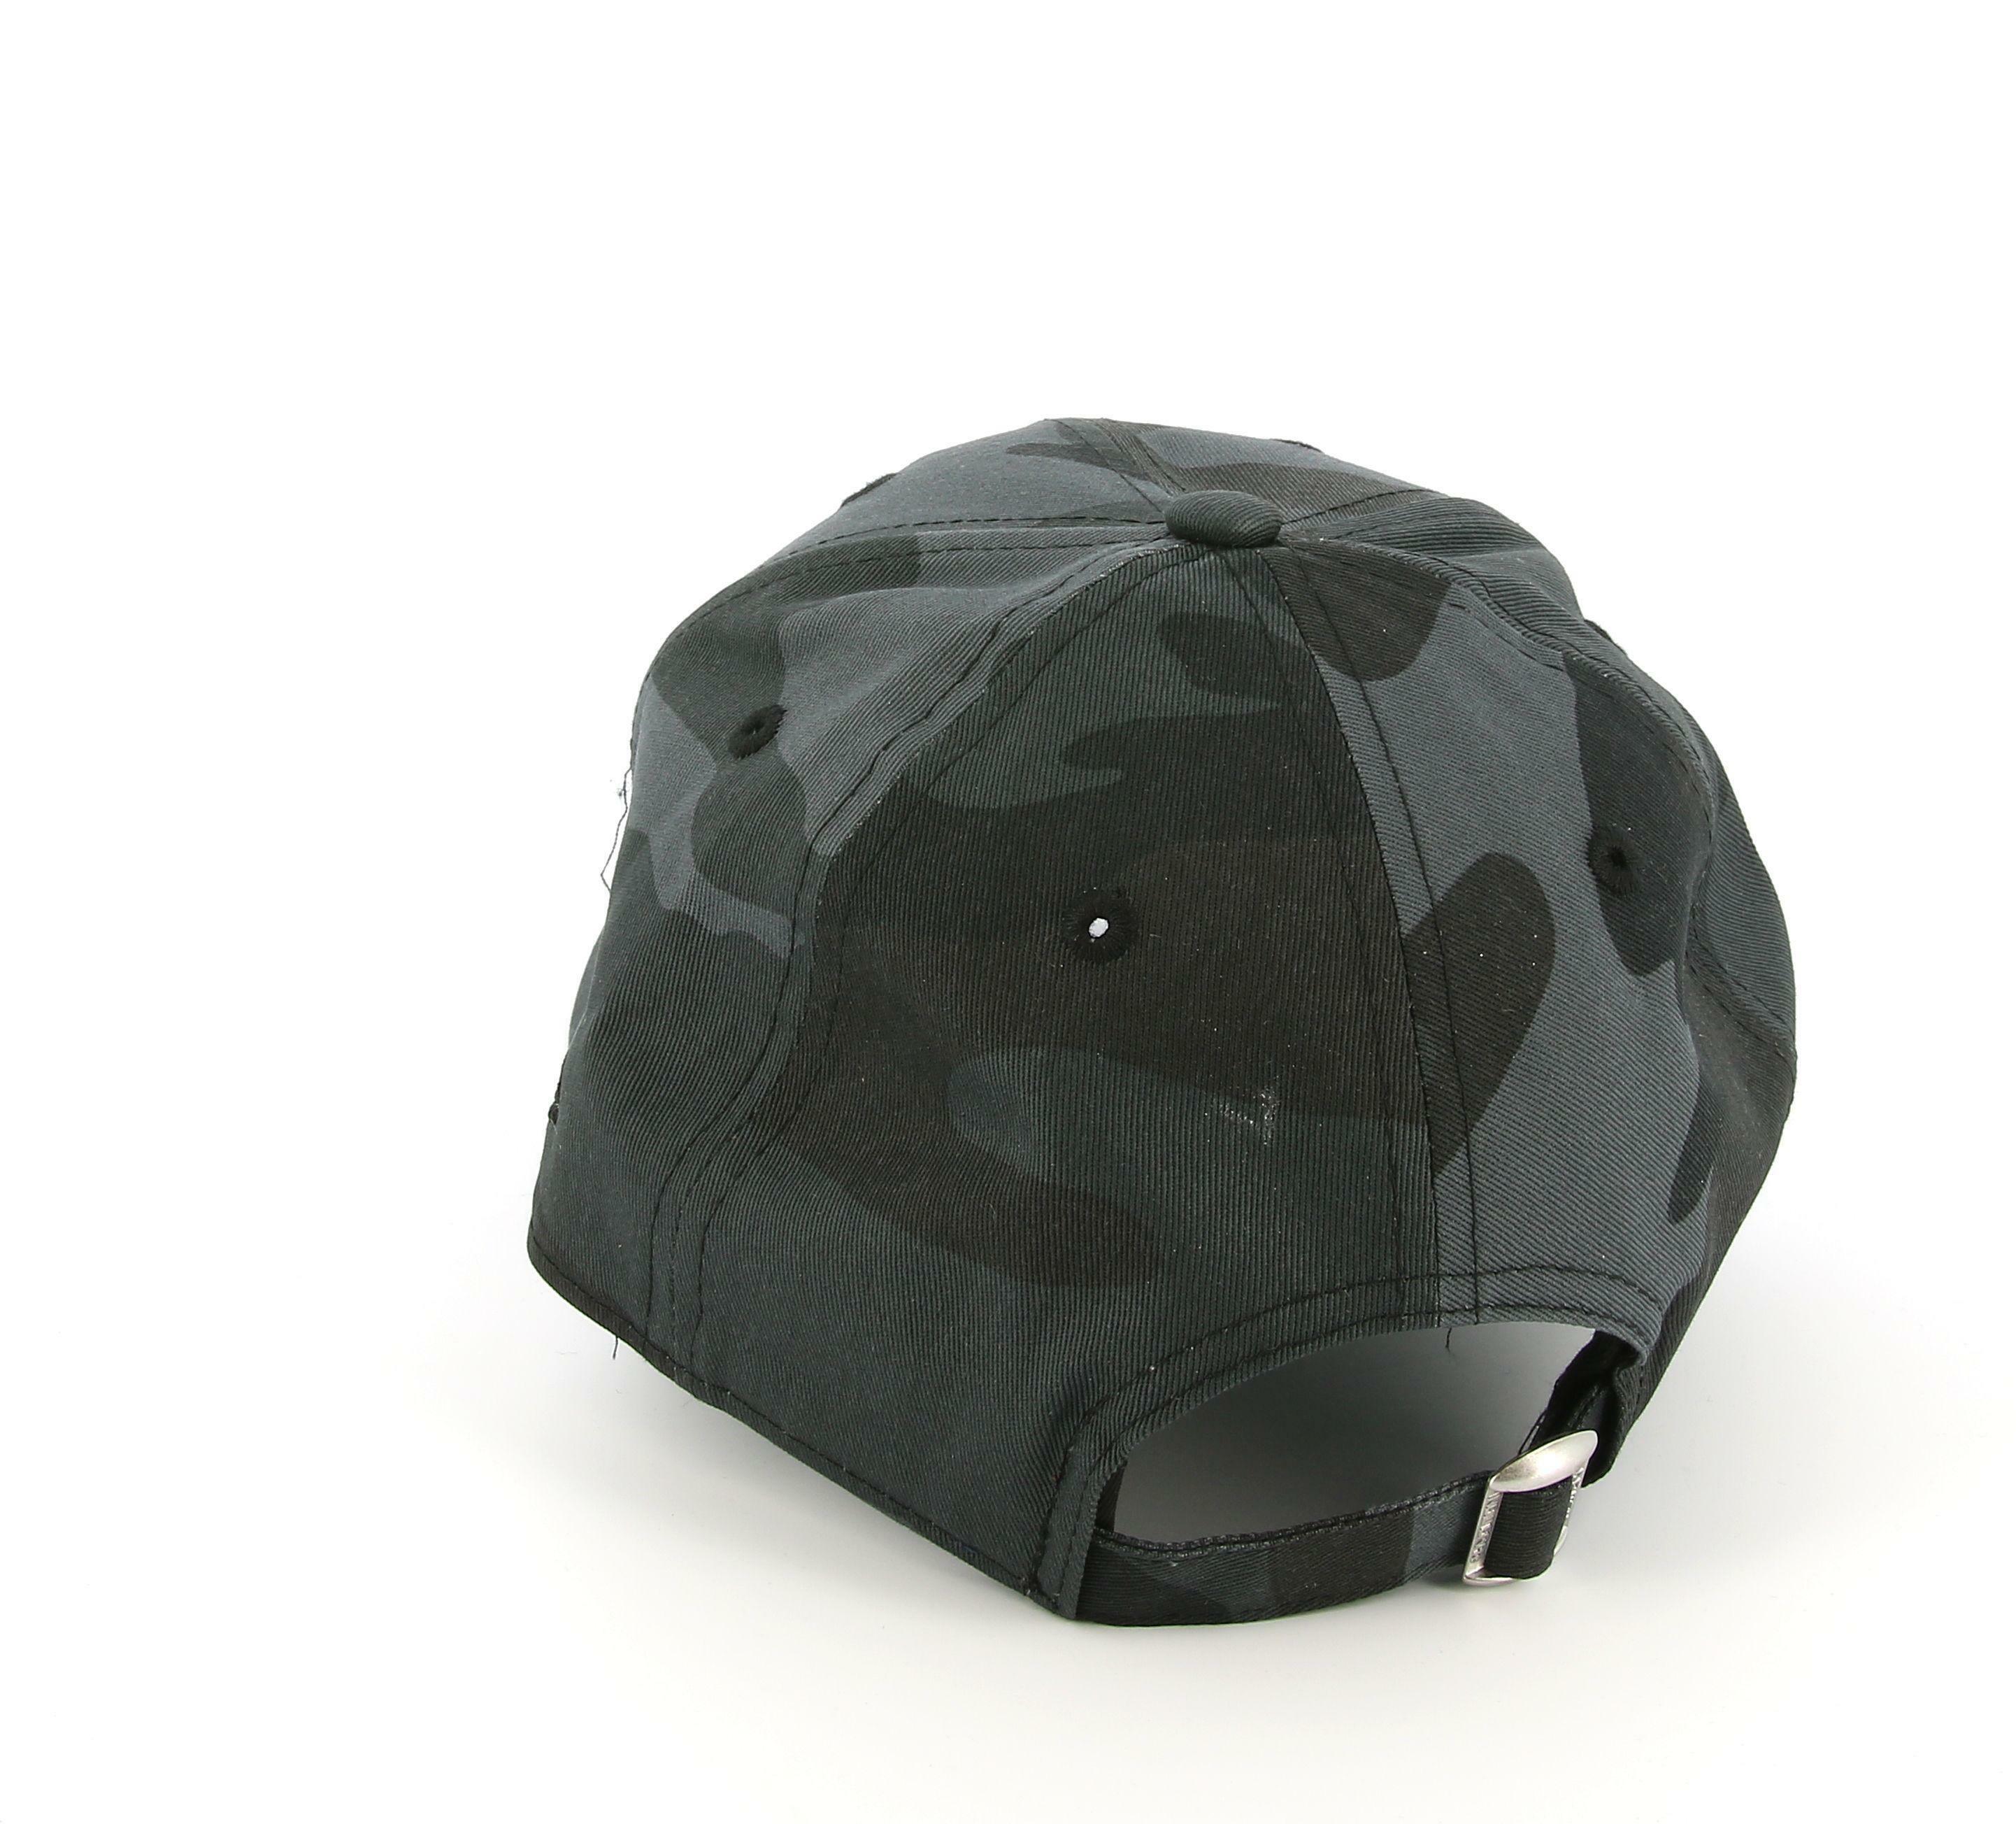 new era new era 12051998 cappello unisex mimetico grigio